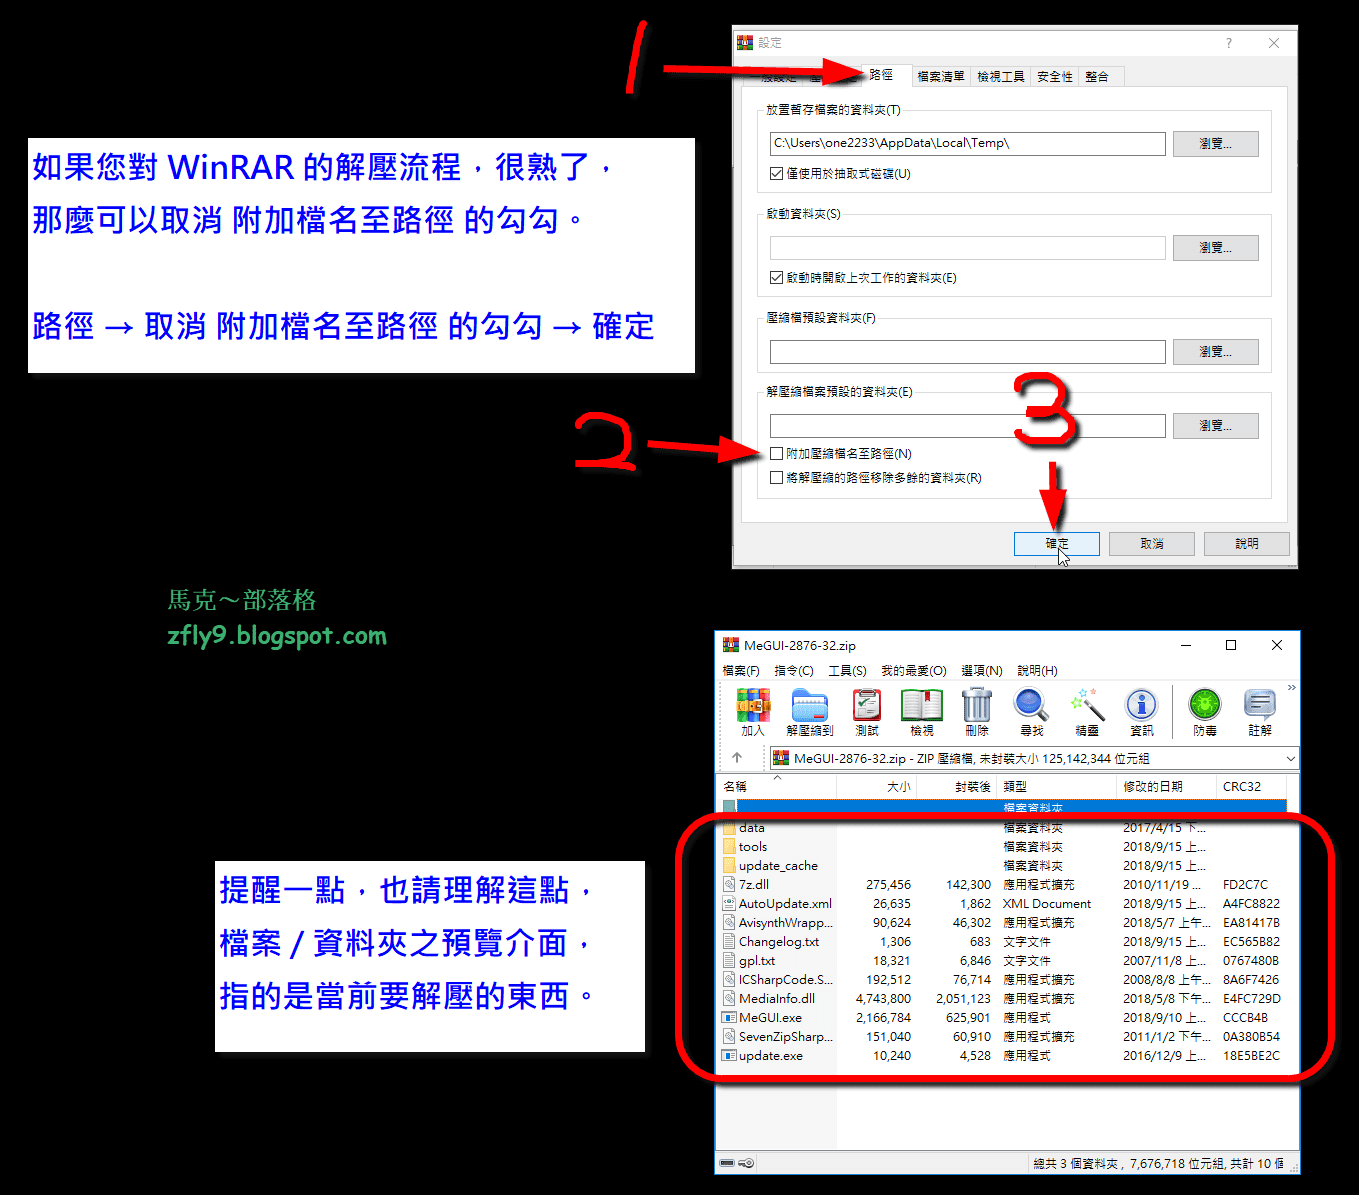 馬克: WinRAR 壓縮軟體 安裝流程 / 副檔名關聯 / 滑鼠右鍵菜單 / 關音效 / 移除 [圖文教學]